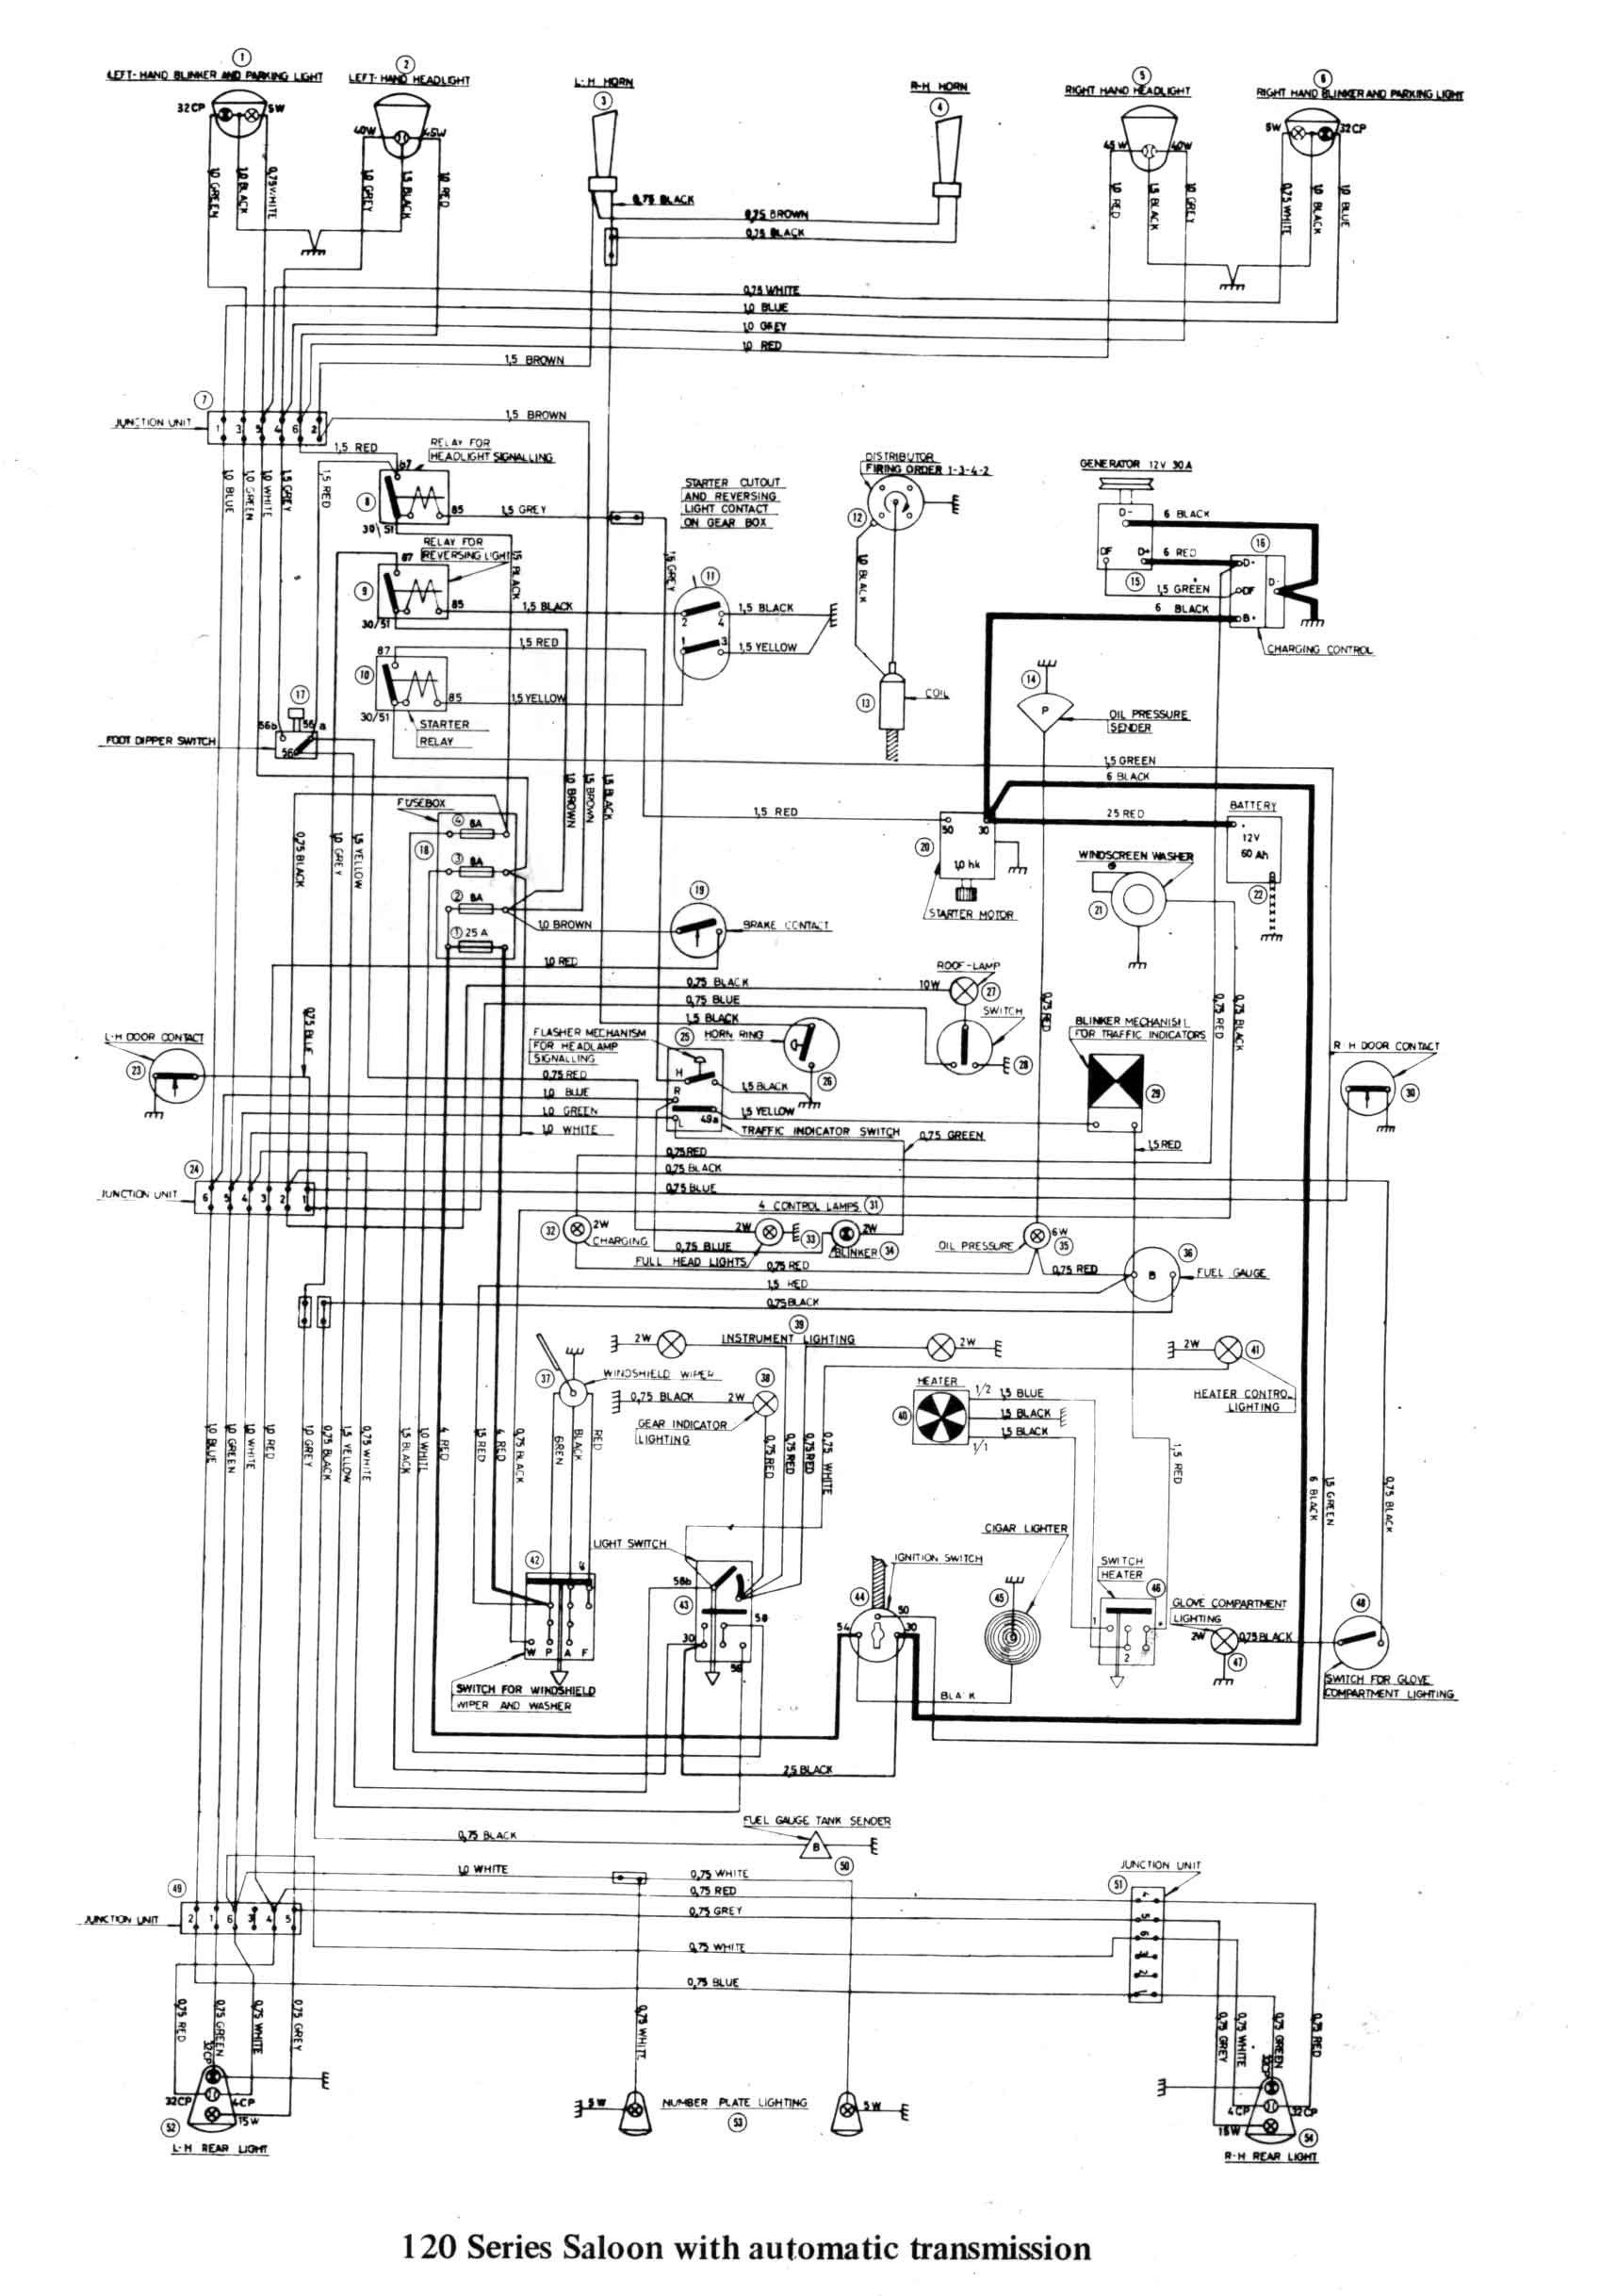 Emg Hz Wiring Diagram Beautiful Horn Wiring Diagram Luxury Sw Em Od Retrofitting A Vintage Volvo